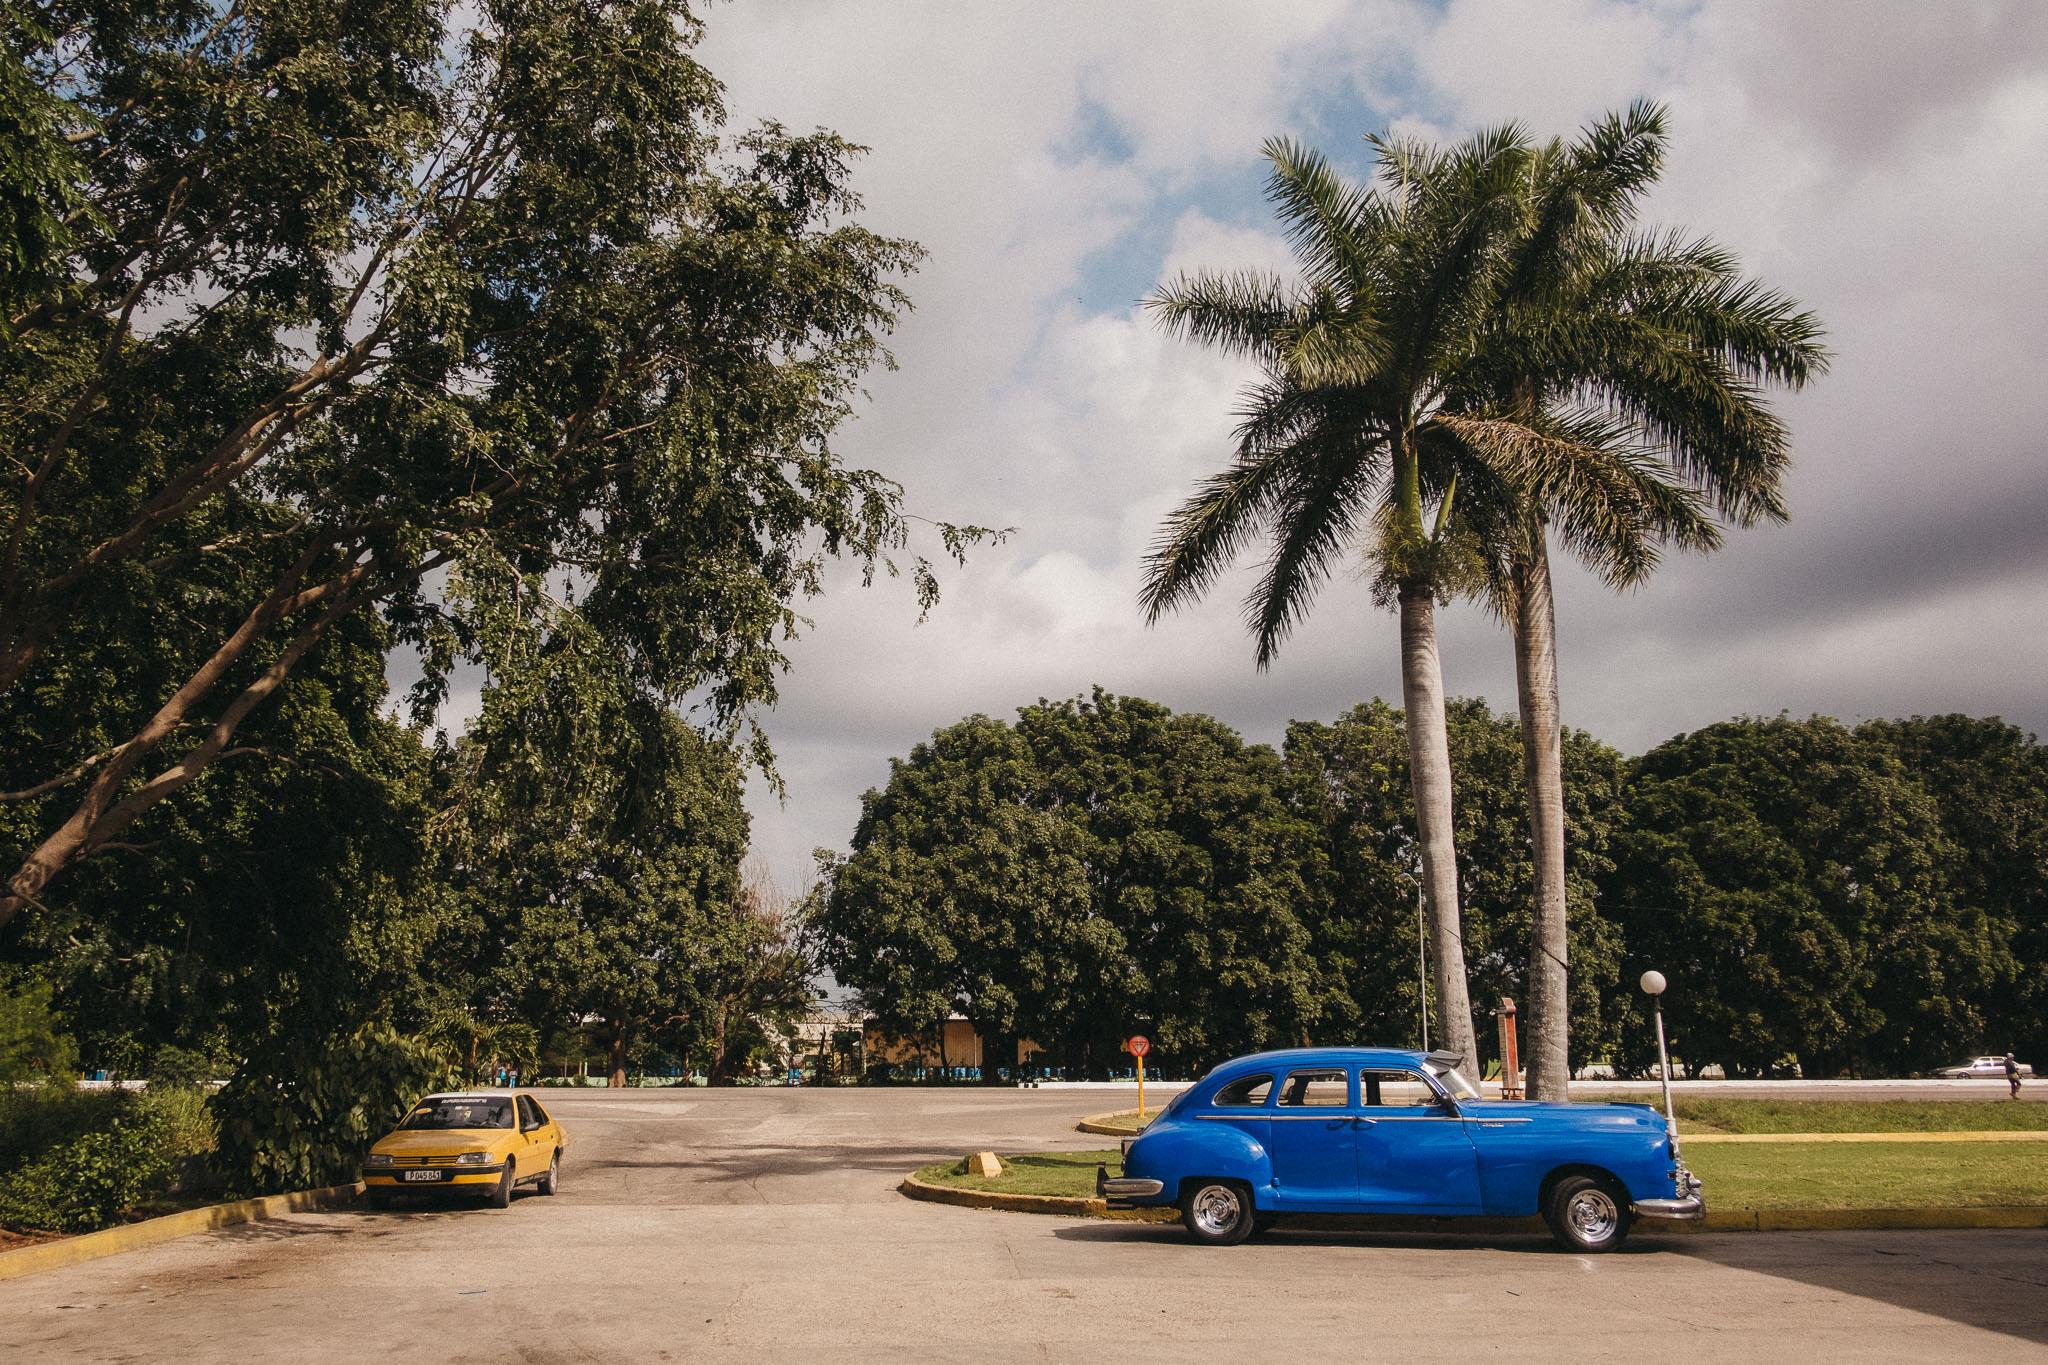 Cuba-2017-12-Cienfuegos-0004.jpg